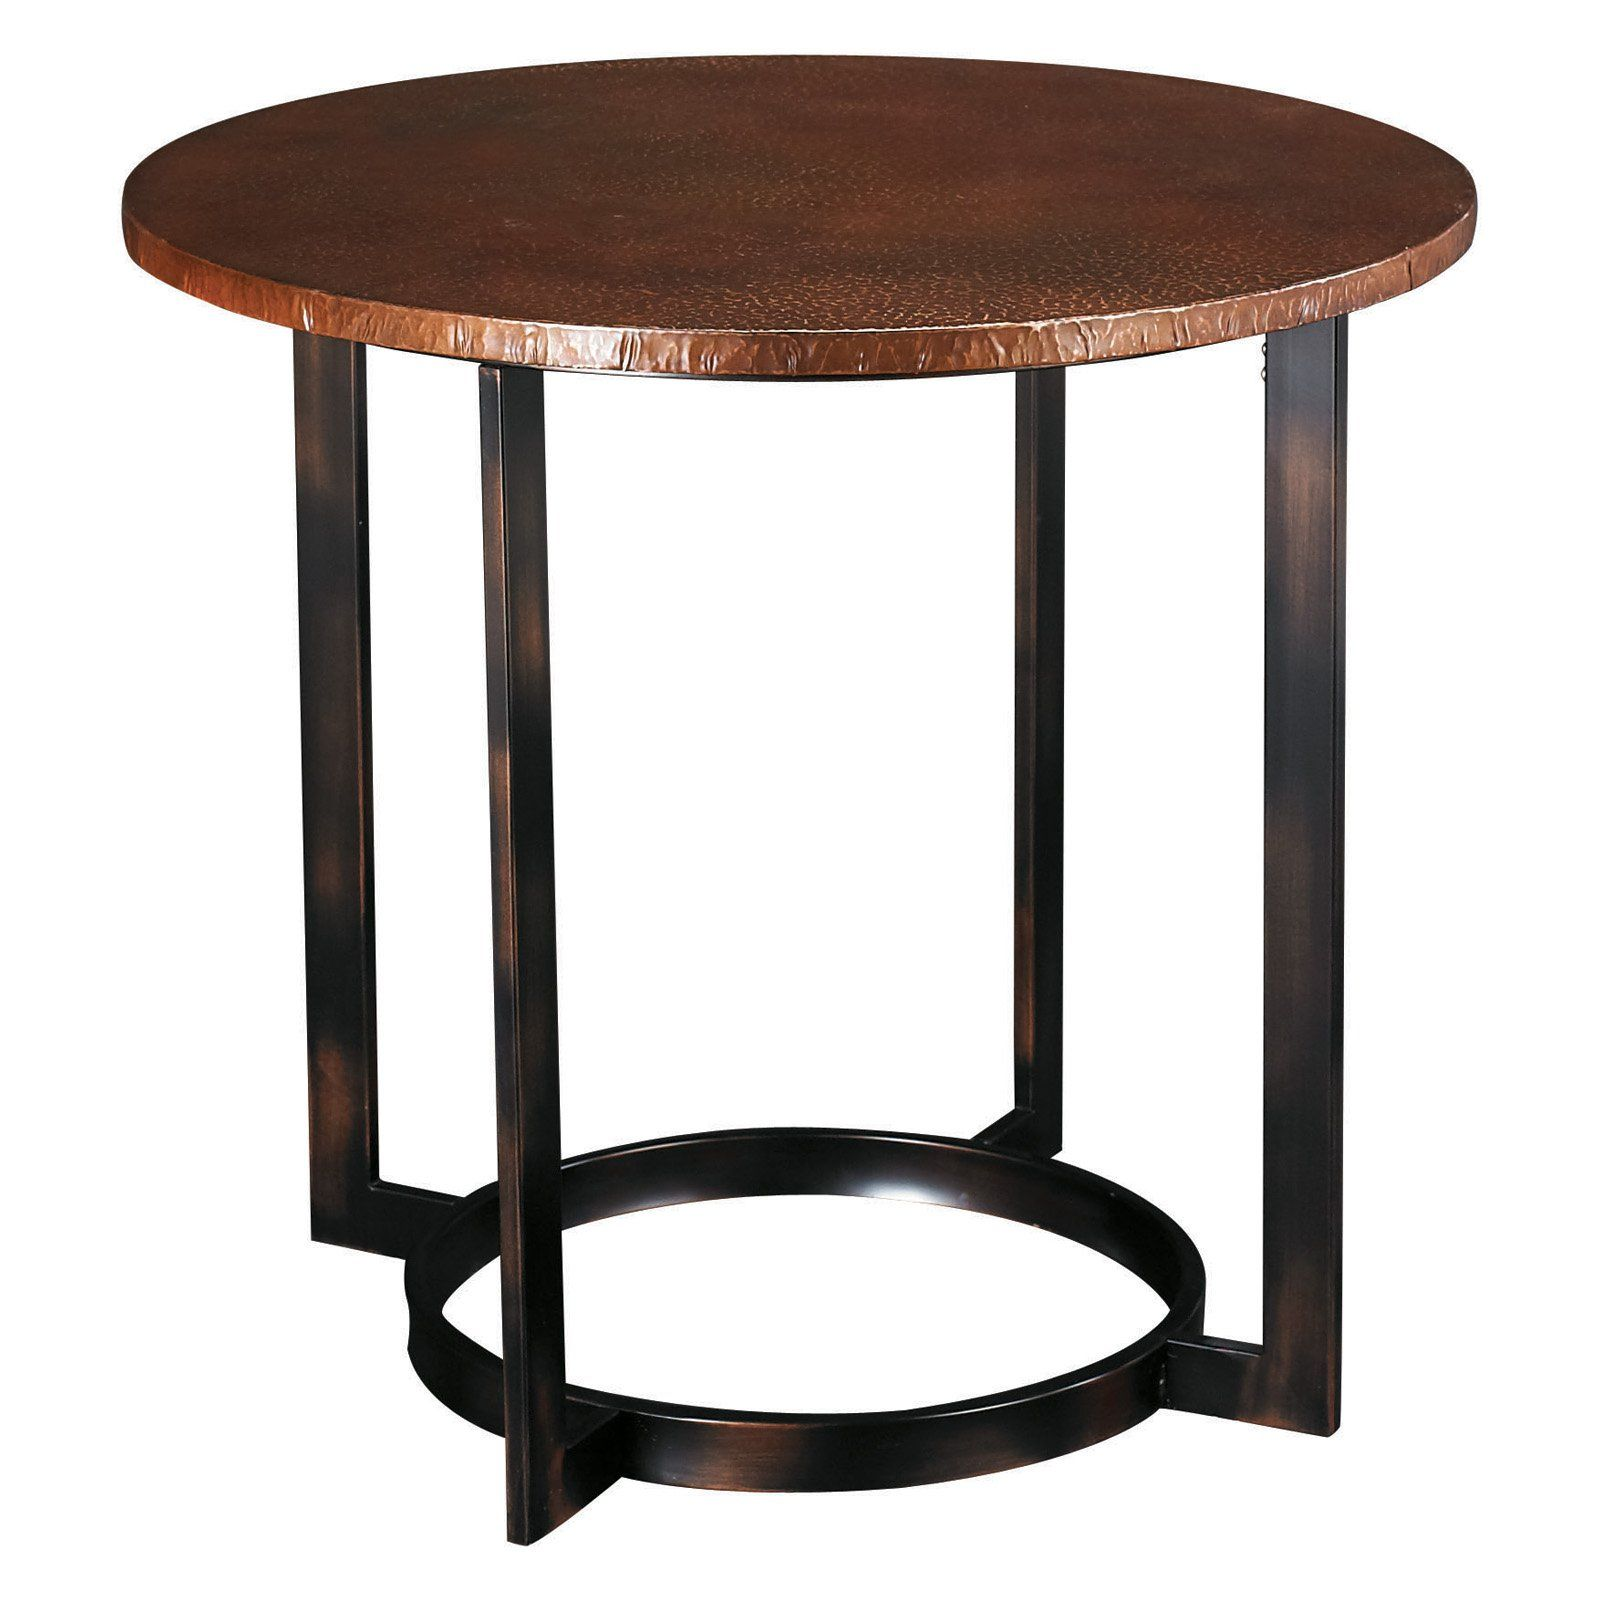 Hammary Nueva Round Coffee Table 293 99 Round Cocktail Tables Coffee Table Contemporary Coffee Table [ 1600 x 1600 Pixel ]